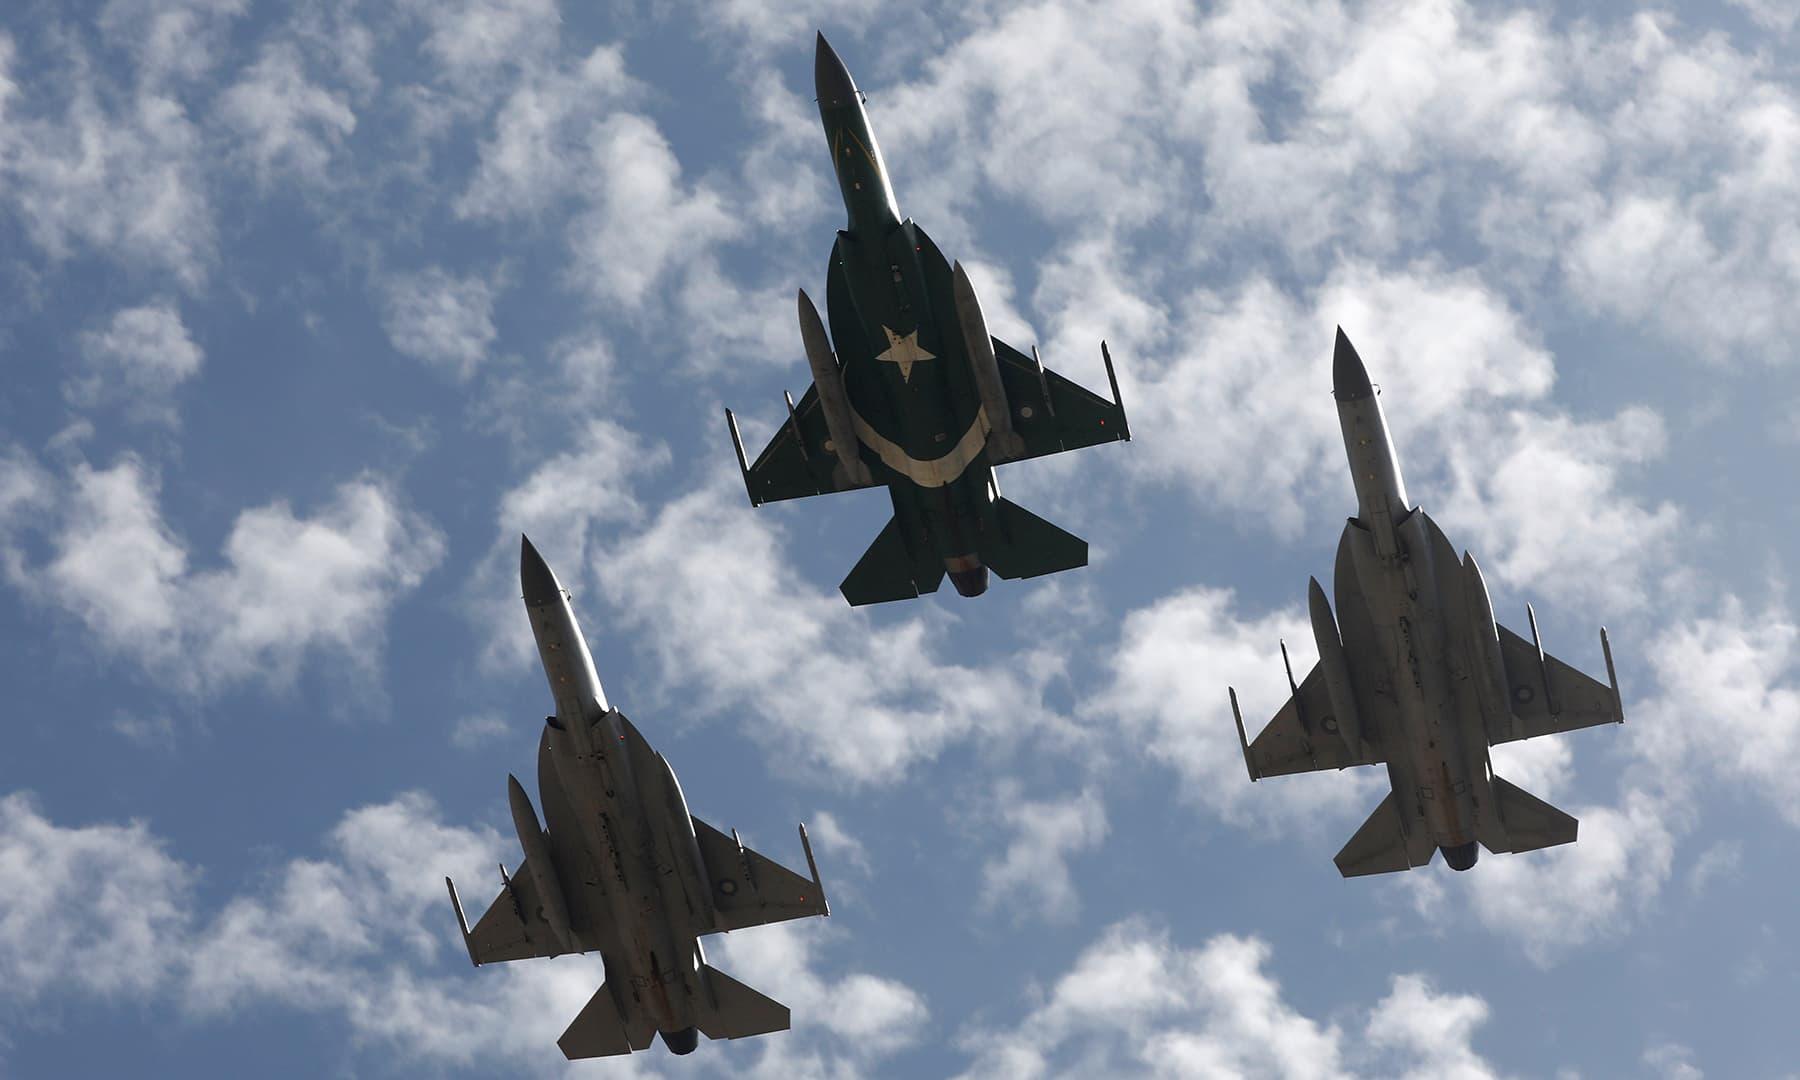 PAF JF-17 Thunder jets. — Reuters